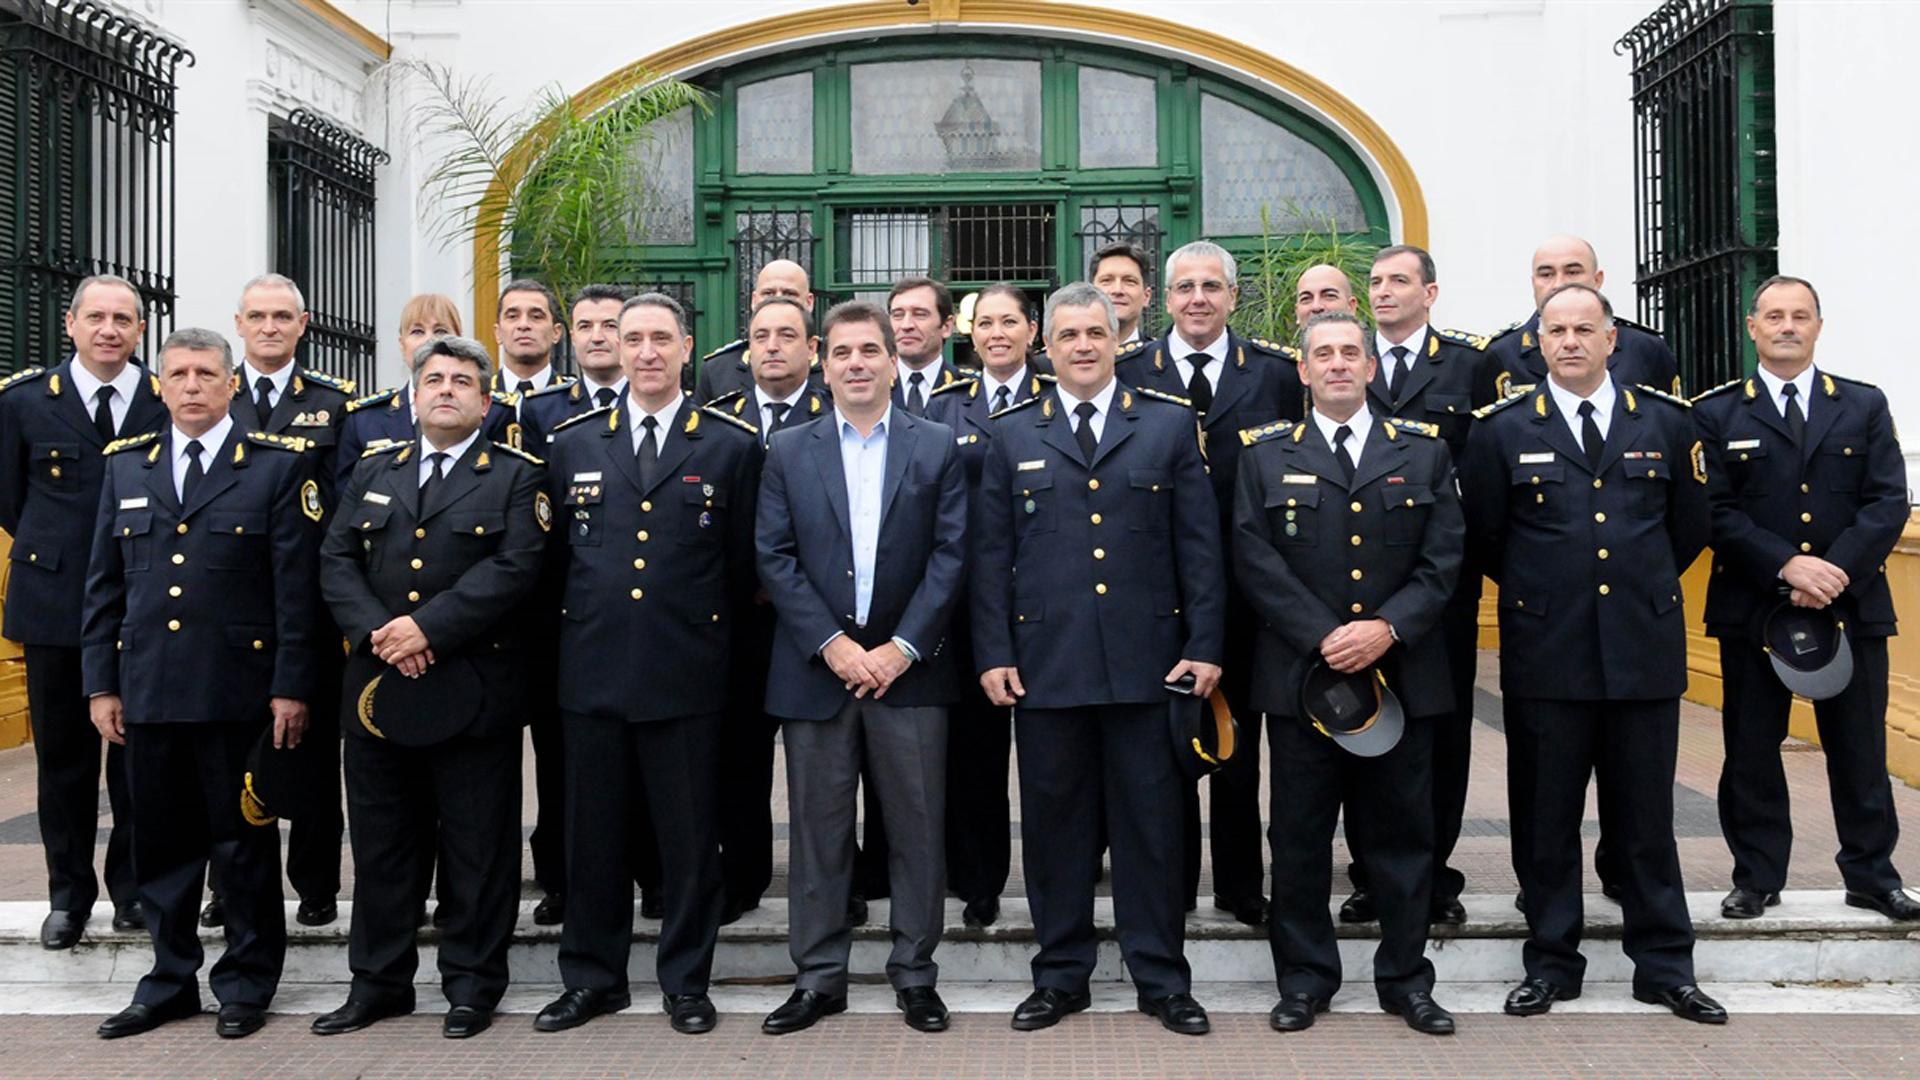 Cambios en la c pula de la polic a bonaerense seis jefes de la fuerza pasaron a retiro - Oficina del policia ...